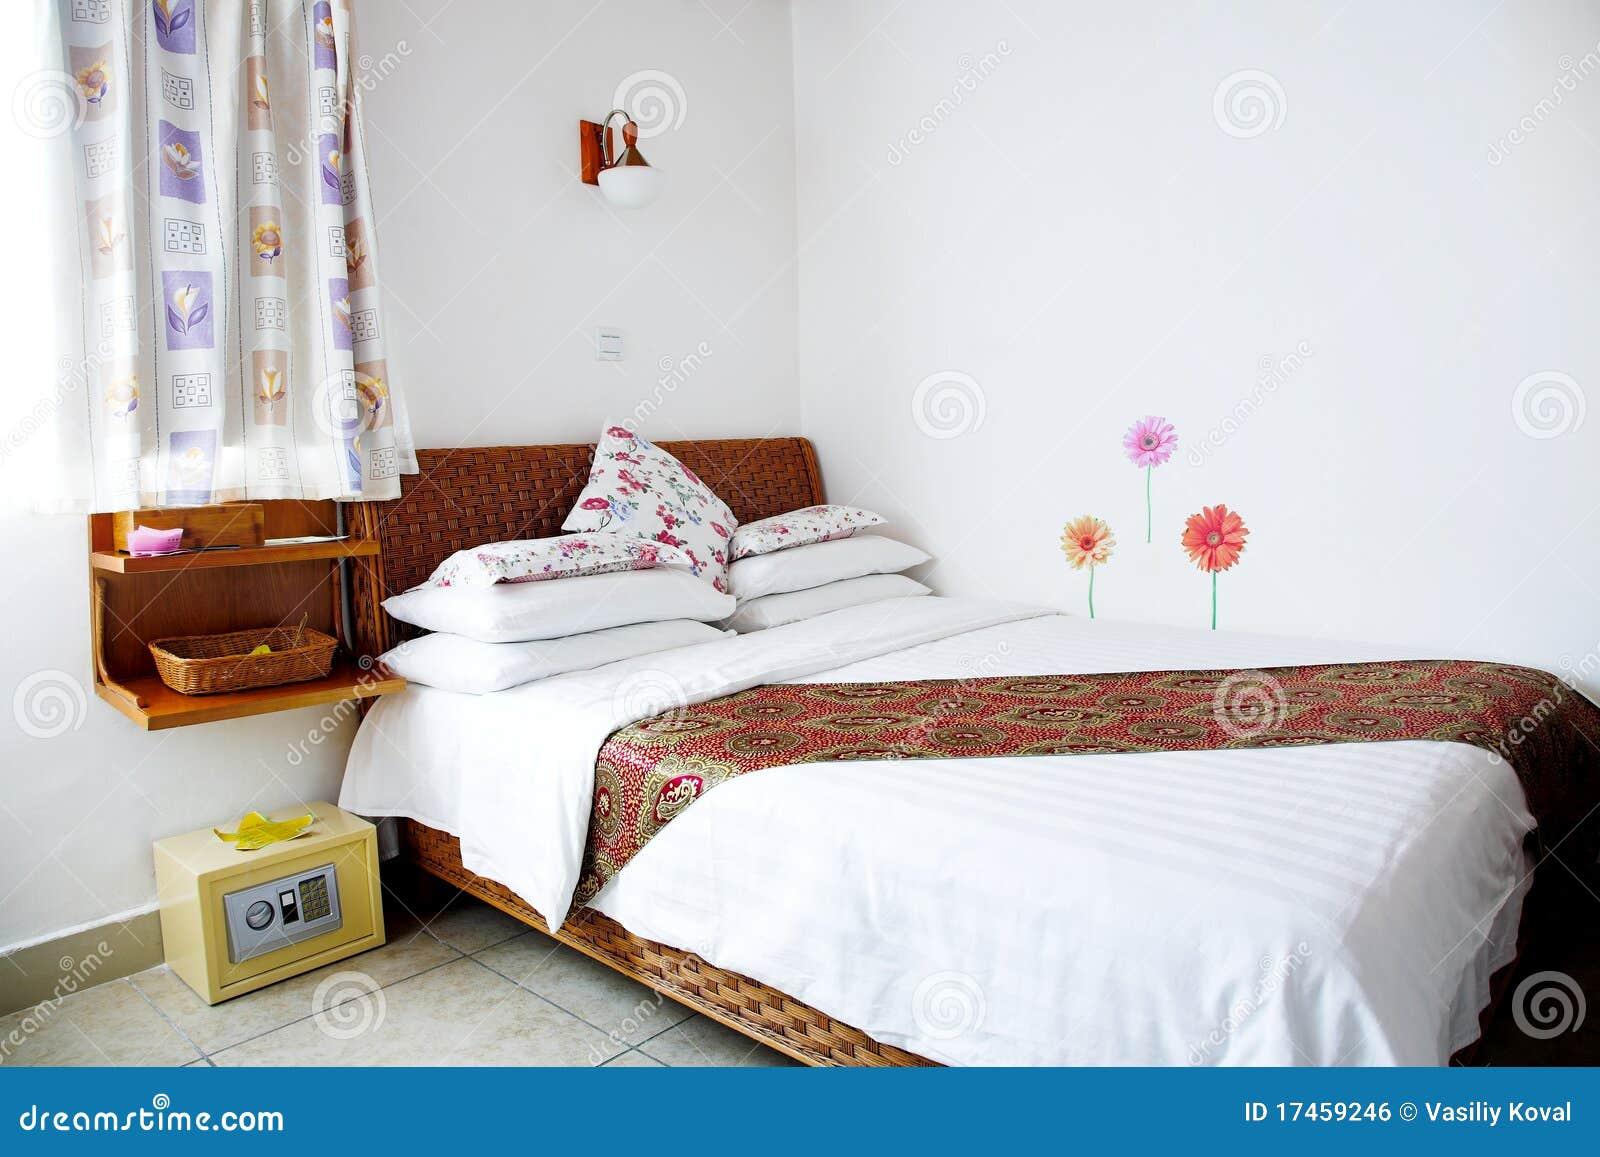 Slaapkamer royalty vrije stock afbeelding afbeelding 17459246 - Beeld decoratie slaapkamer ...